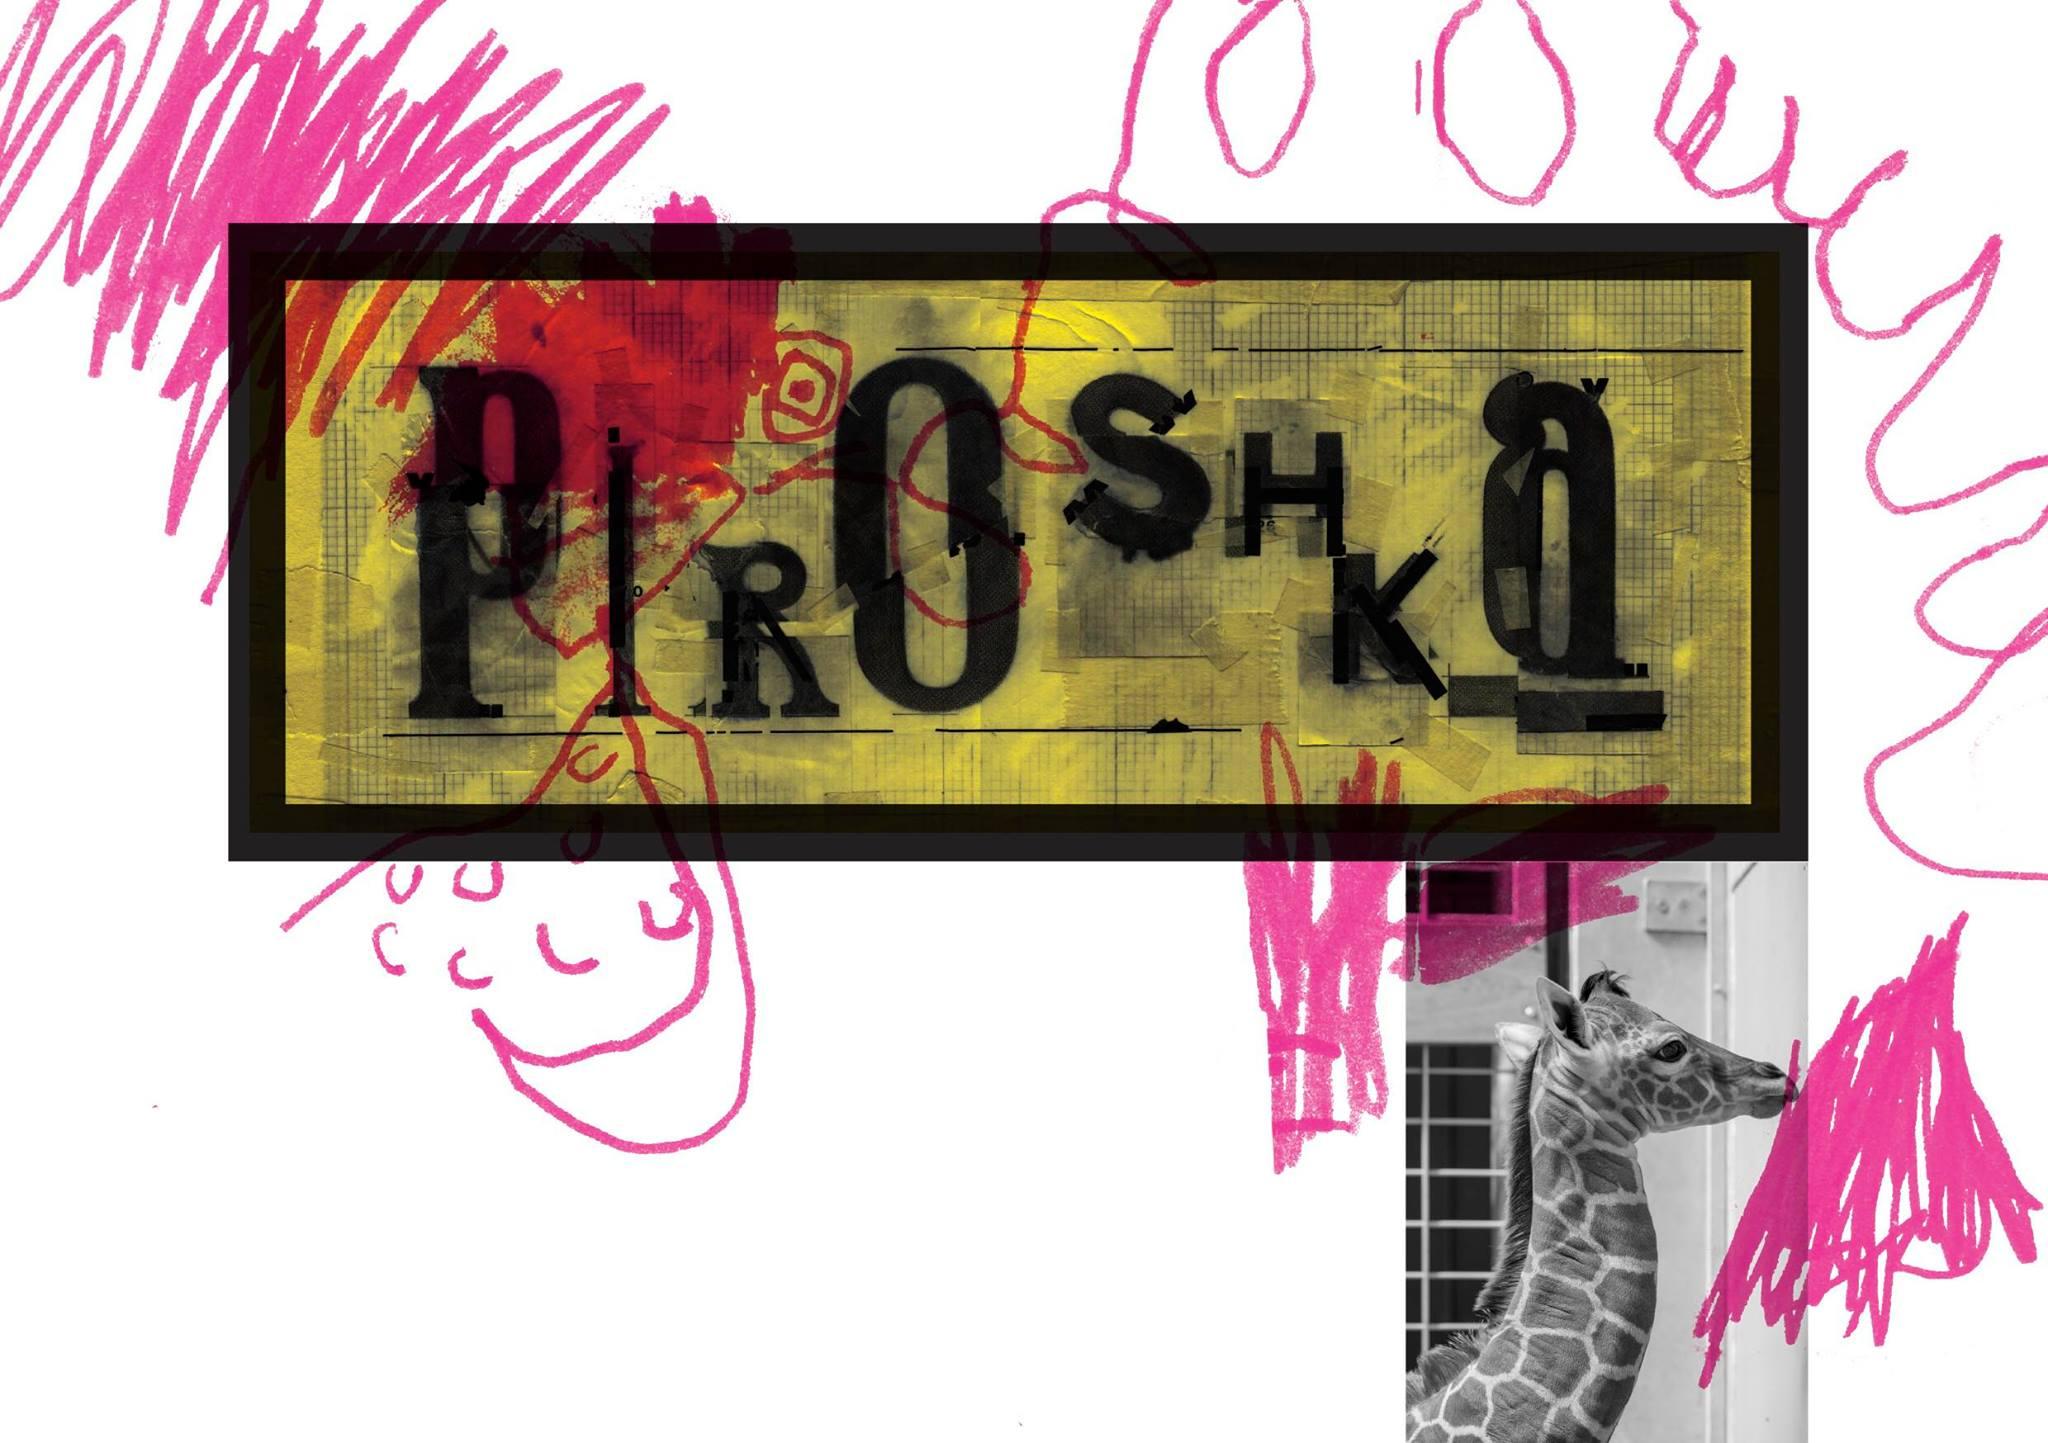 News – Piroshka, naissance d'un groupe avec des ex-Lush et Moose